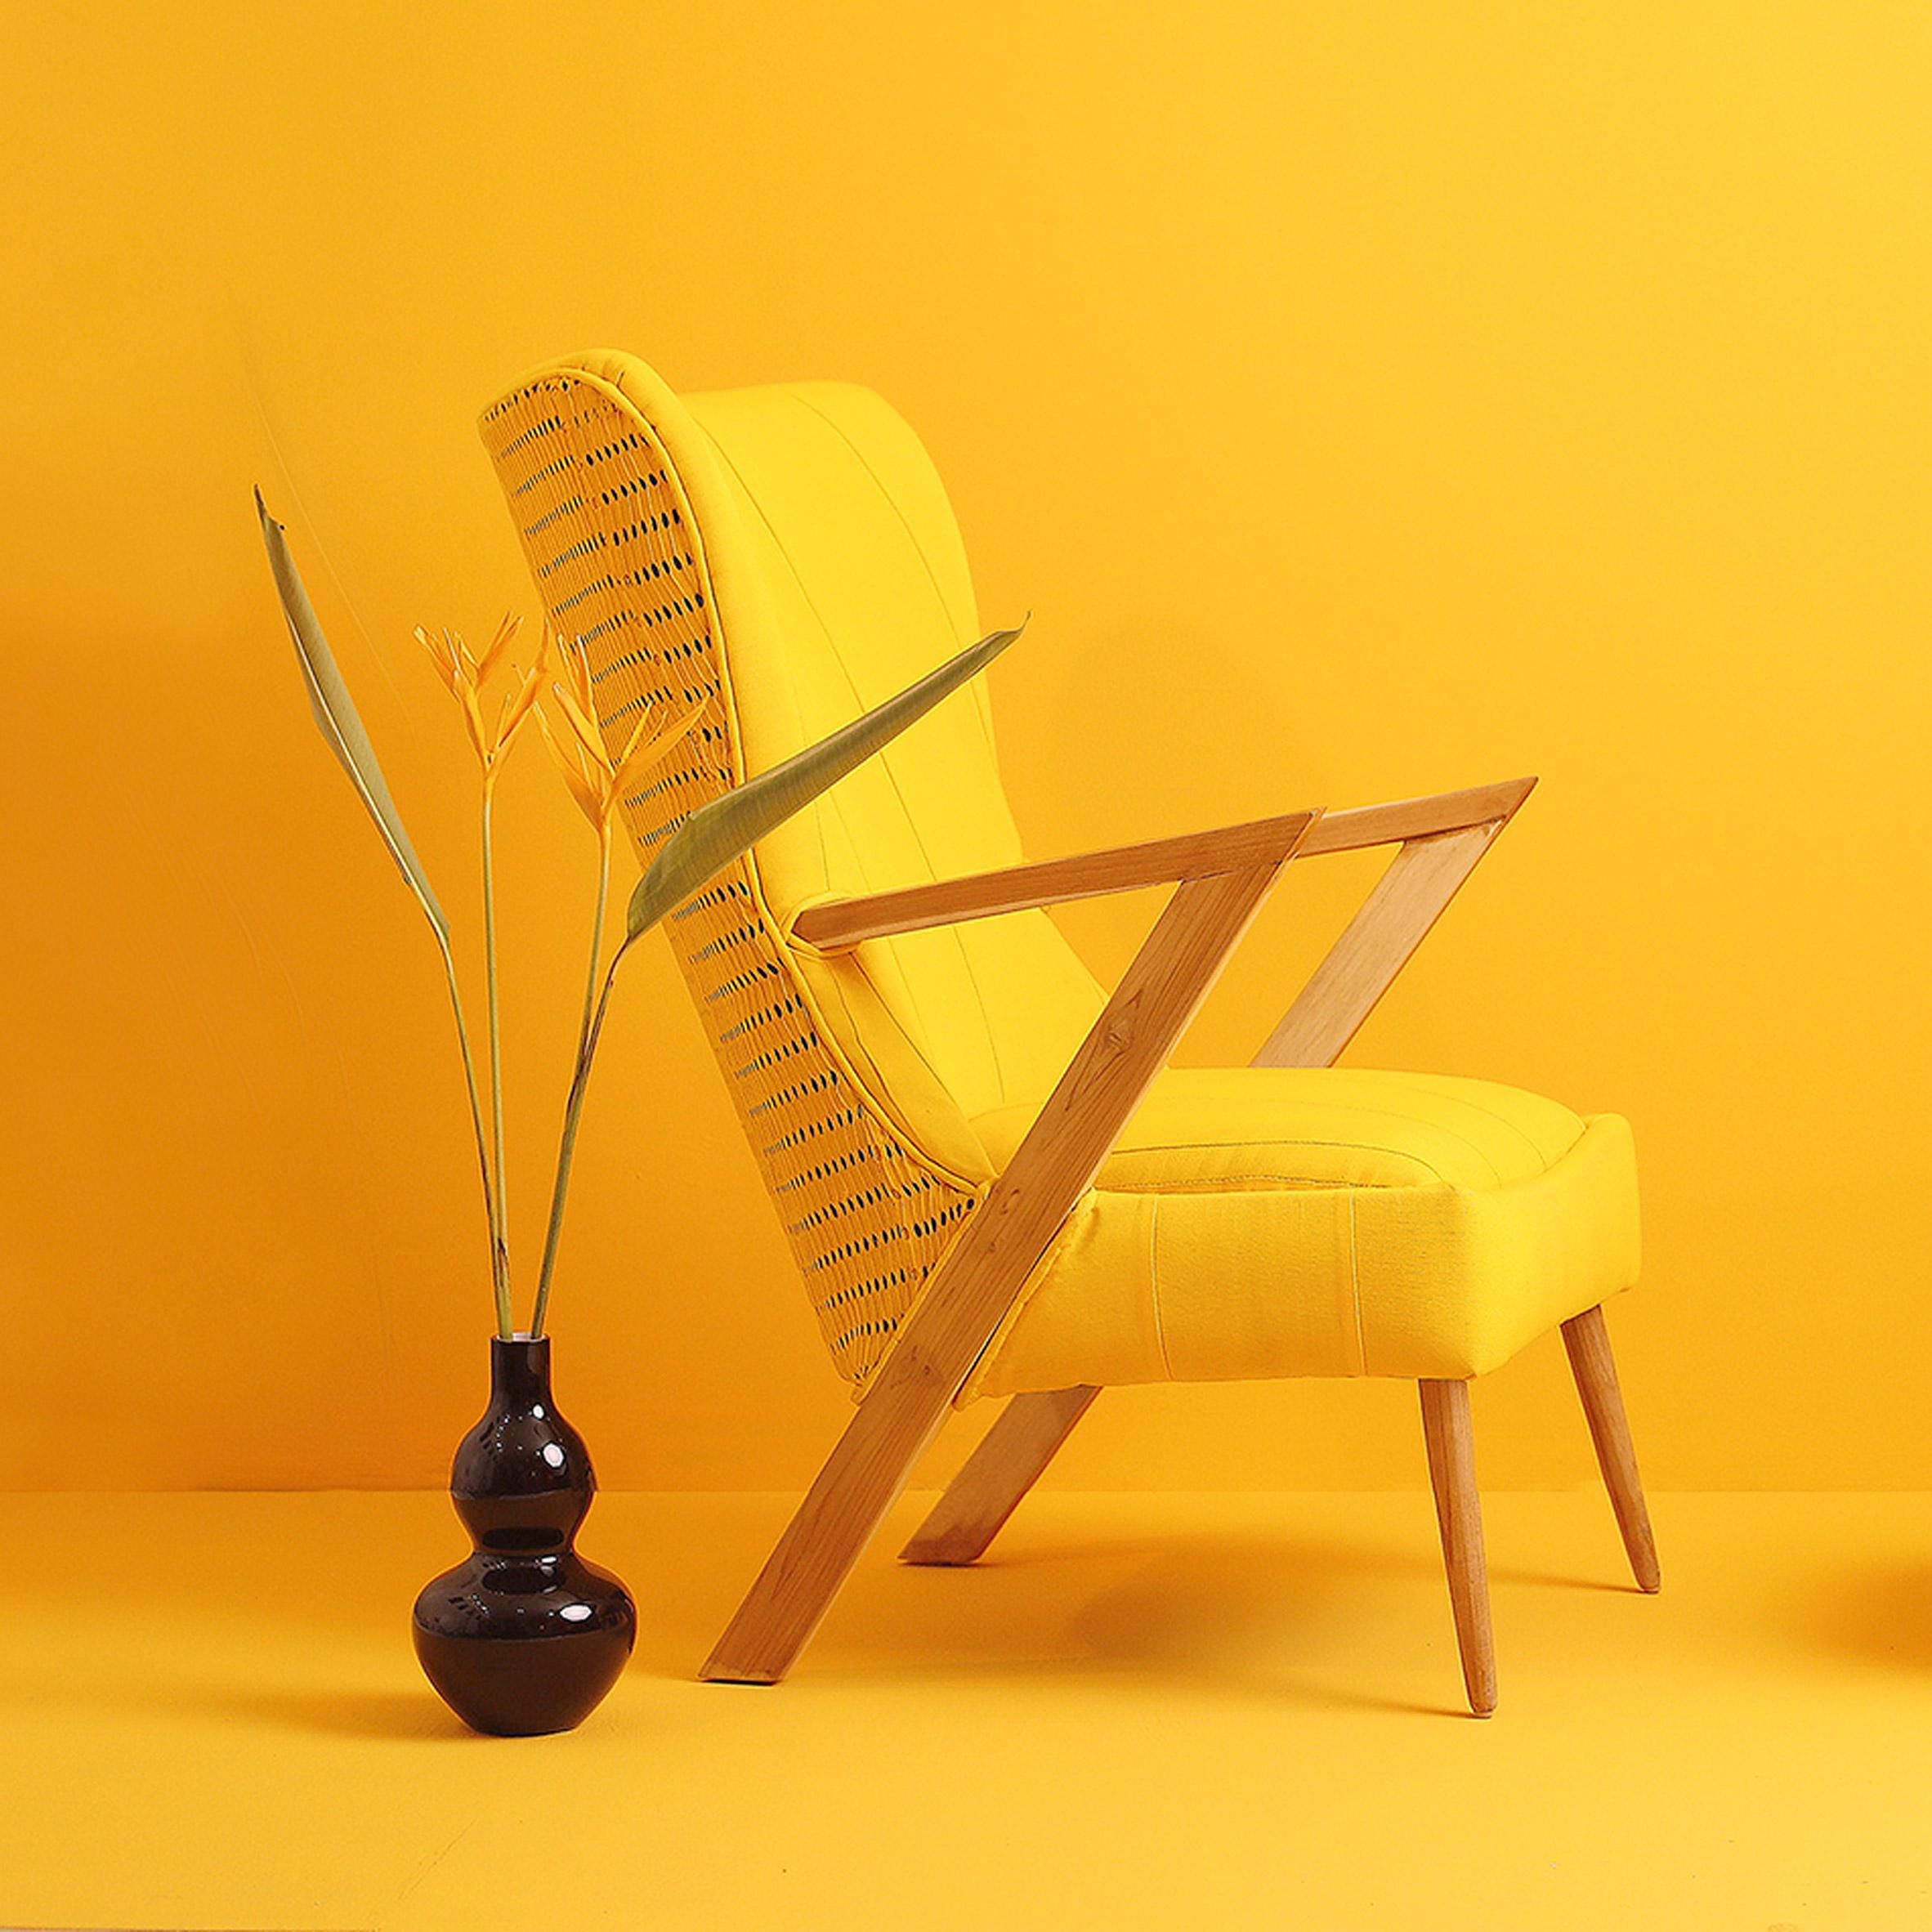 Africa by Design: Àdùnní armchair by Ile Ila